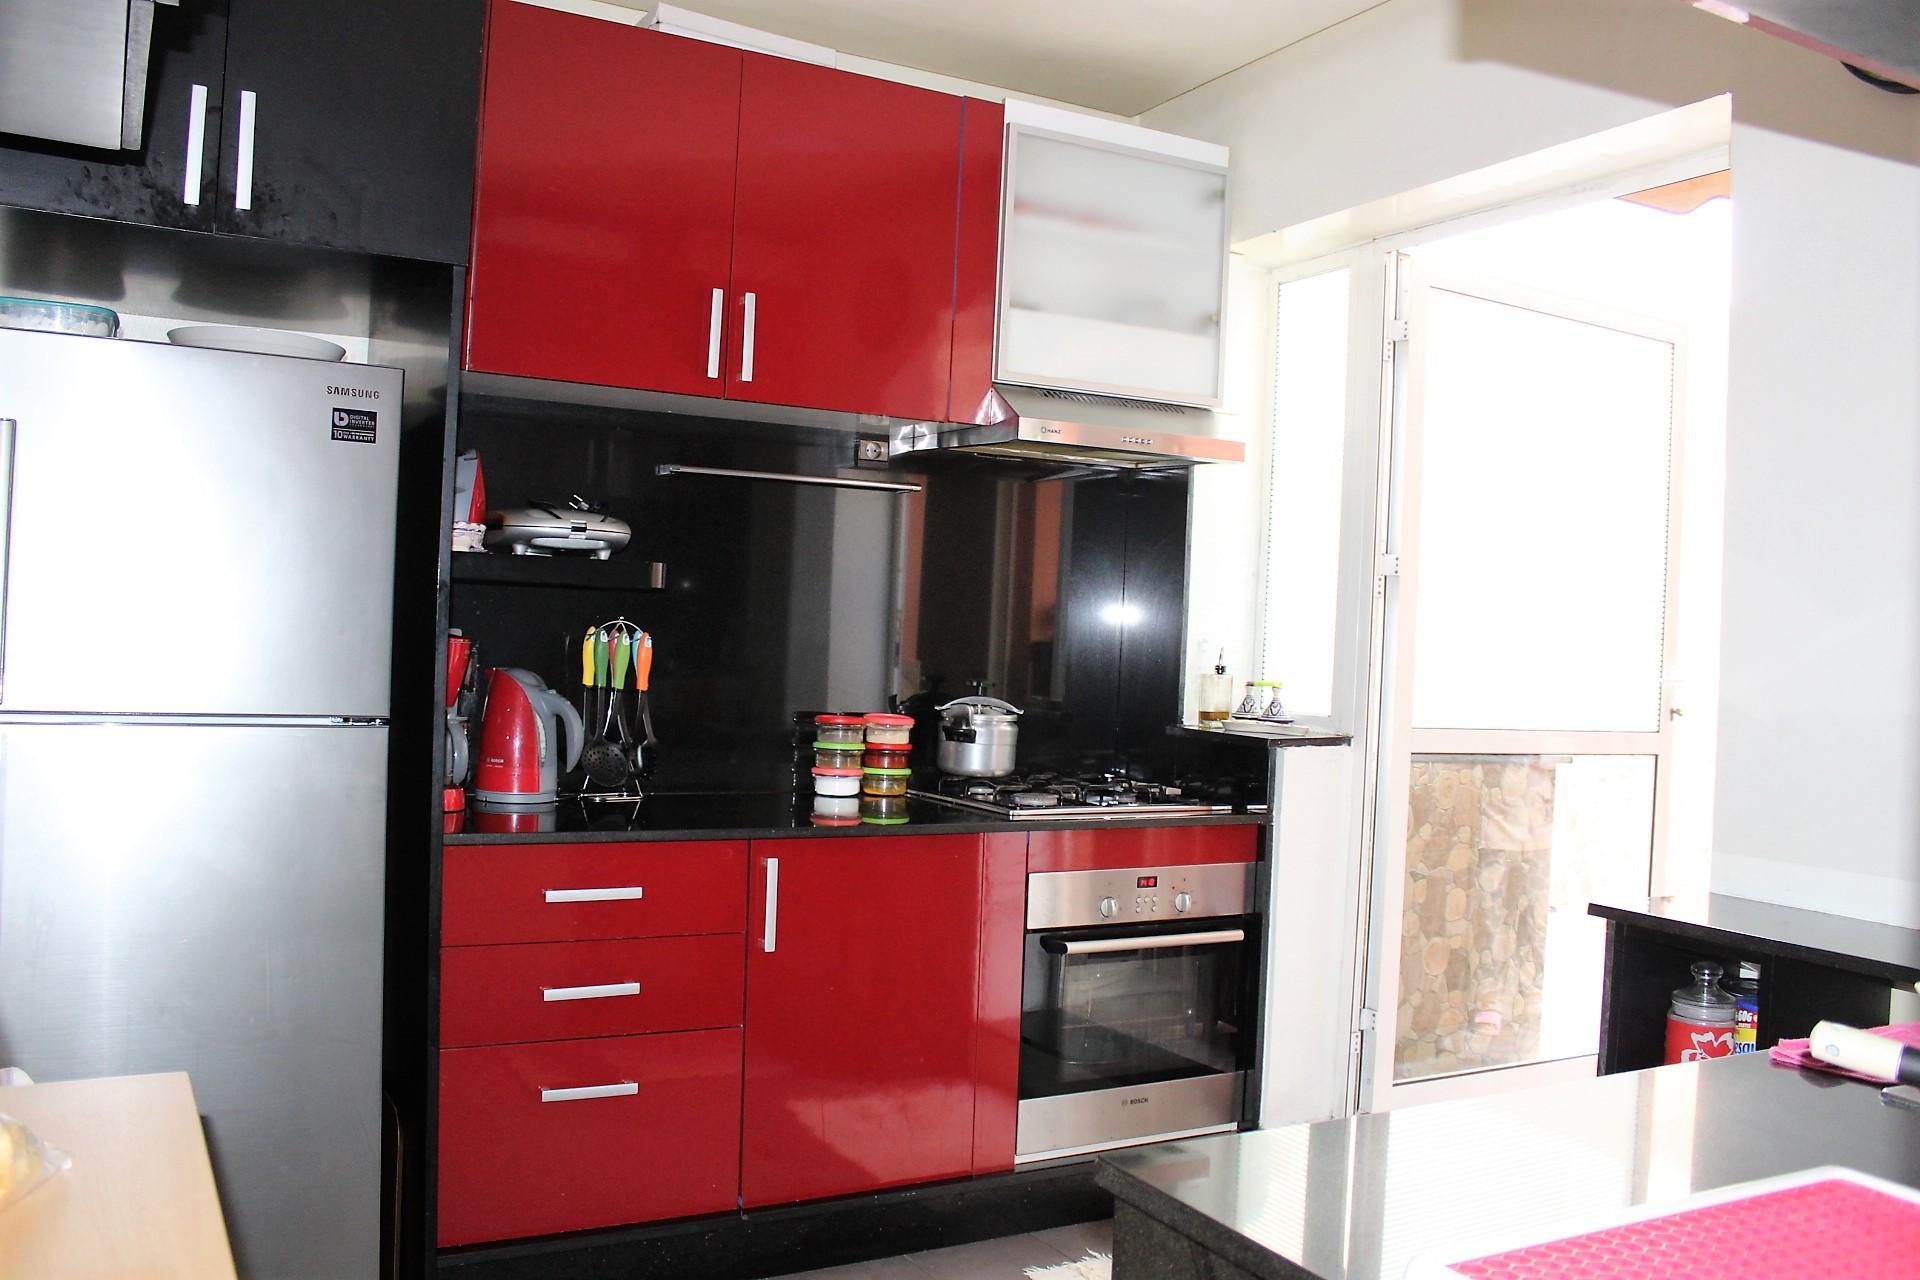 Maroc, Casablanca, à saisir joli appartement de 97m² dans résidence récente située entre le Bld Roudani et Ghandi